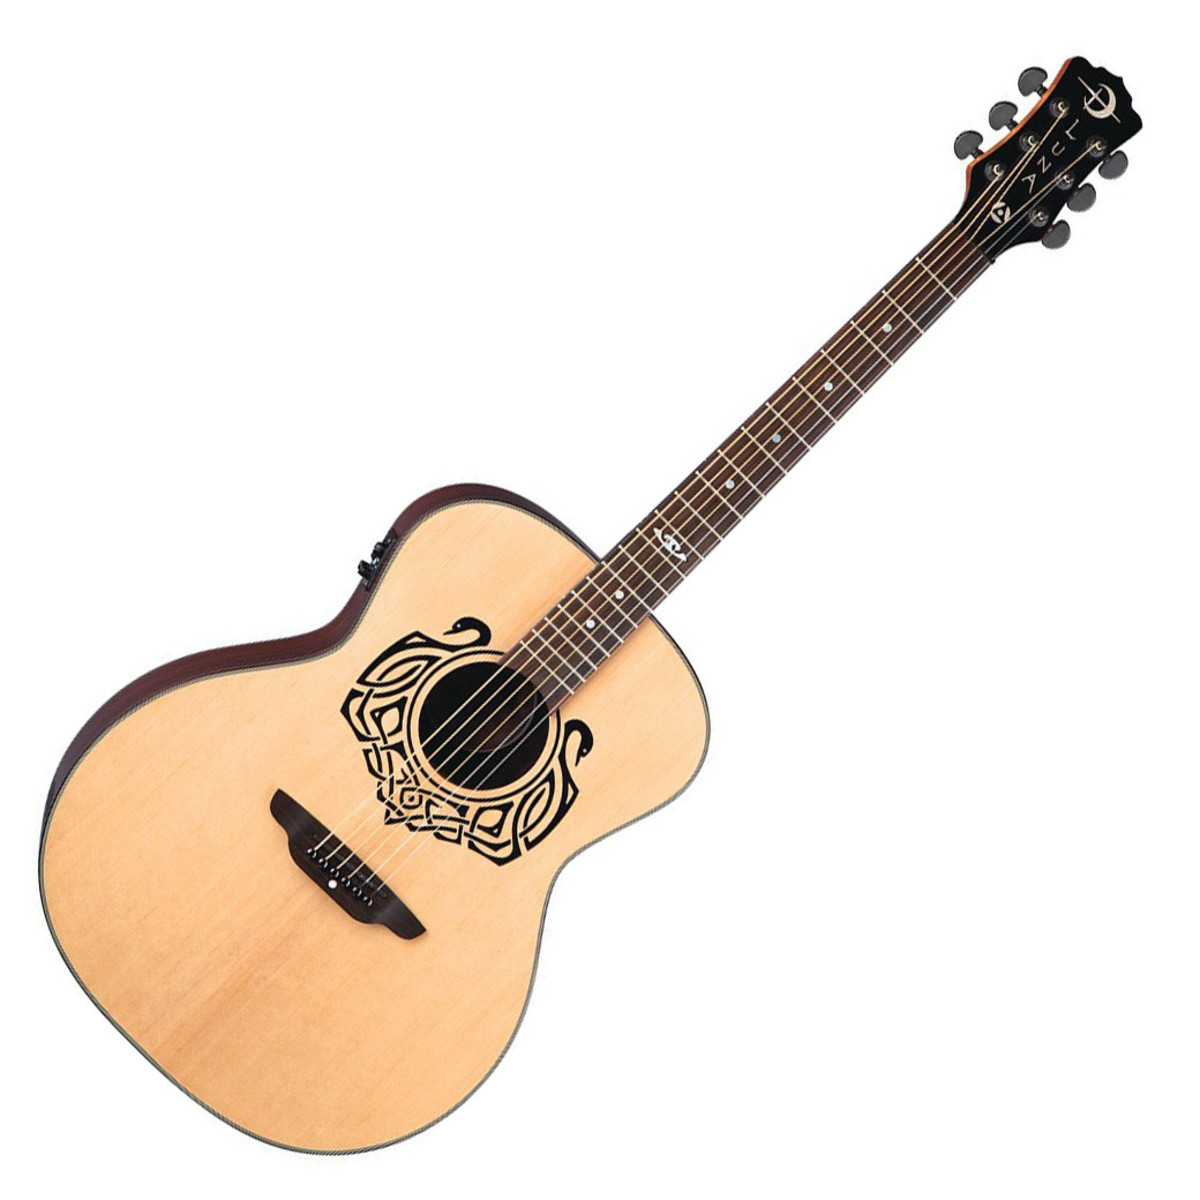 Yamaha Concert Grand Guitar